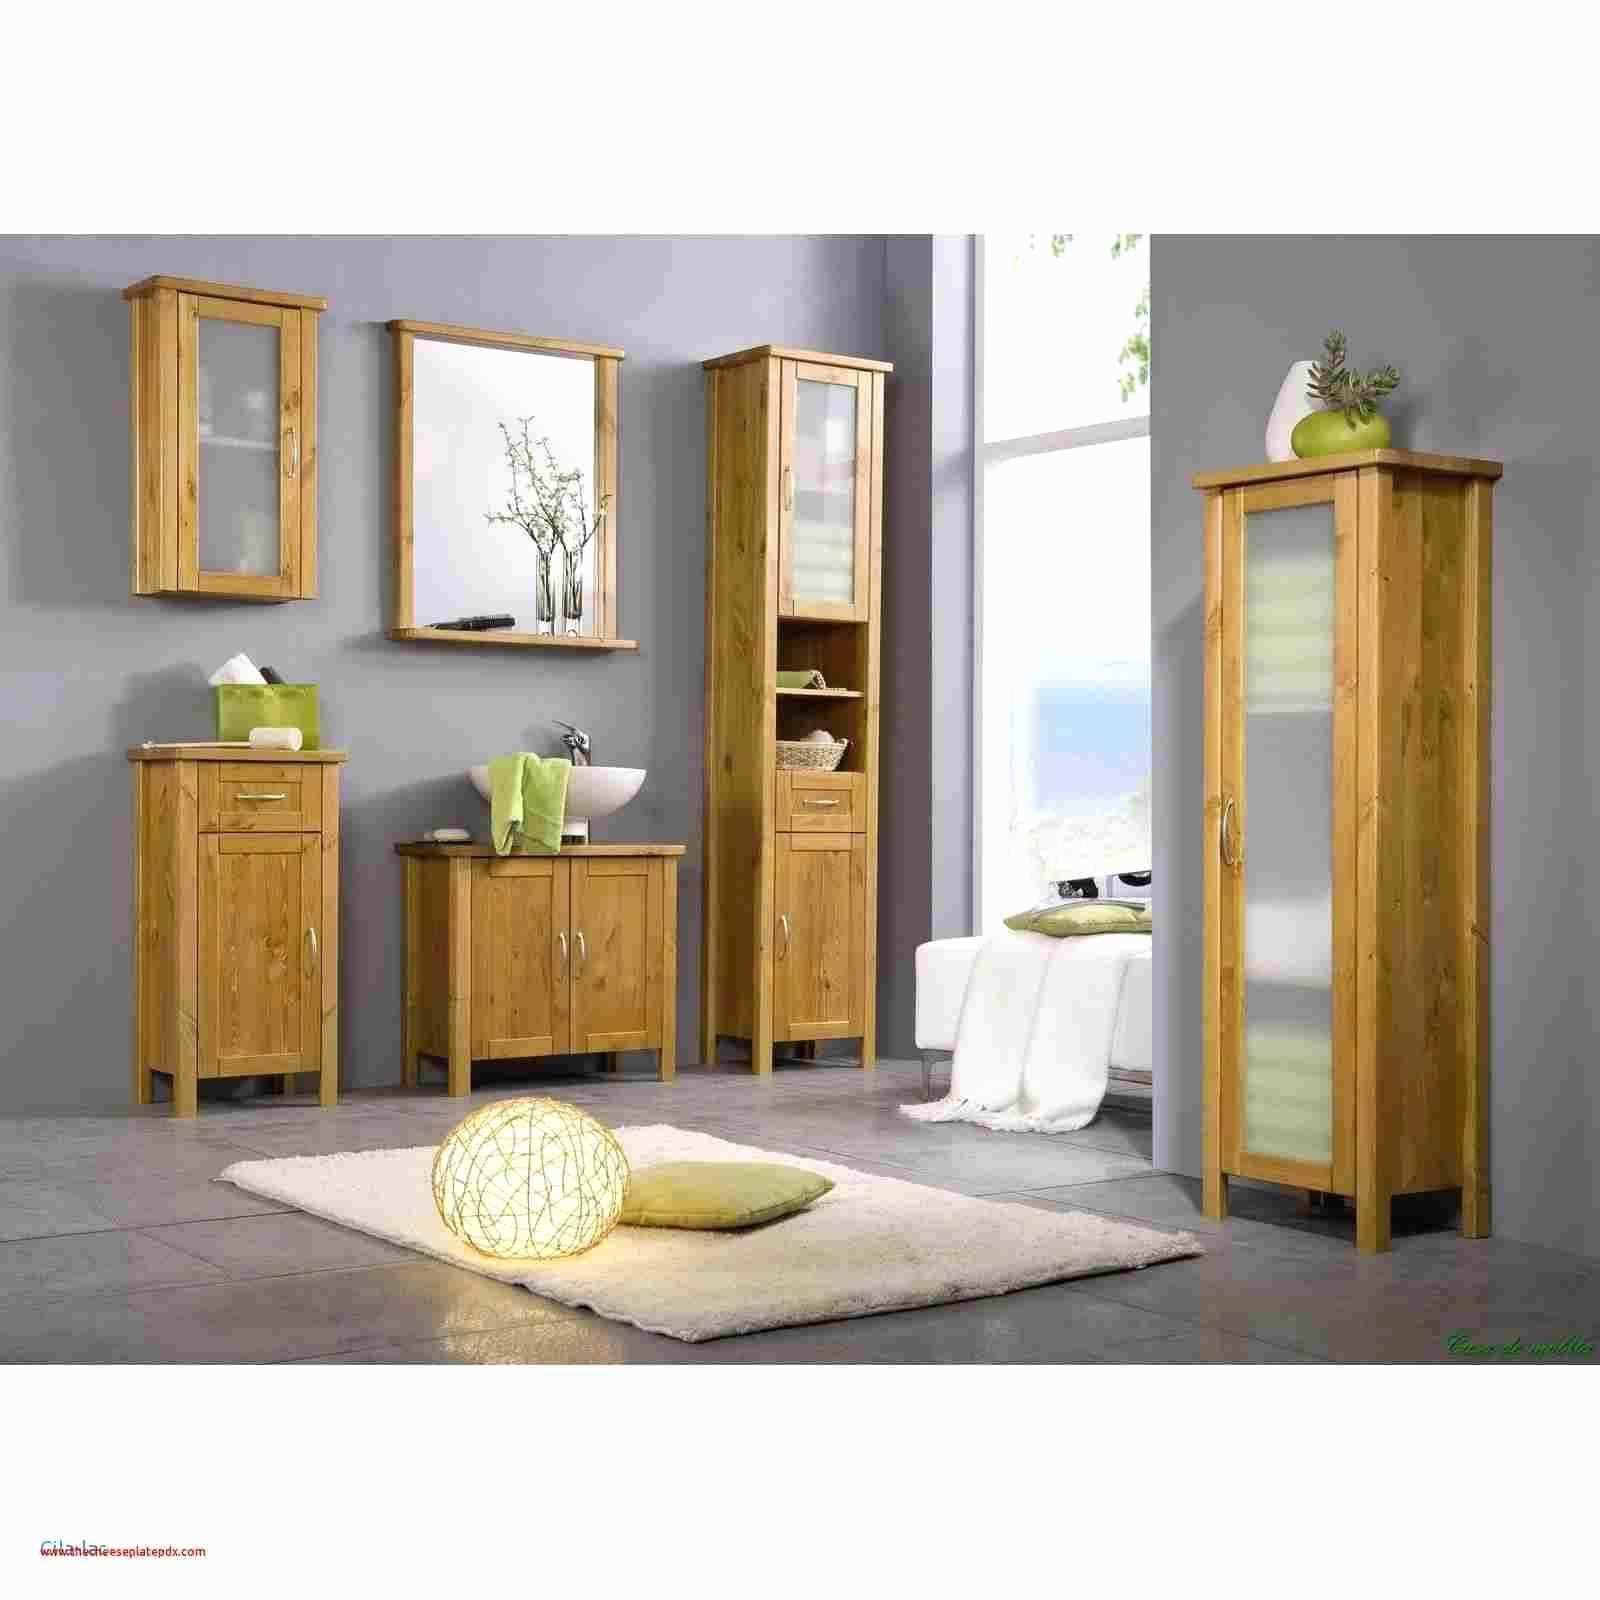 Full Size of Grne Wandfarbe Wohnzimmer Elegant 36 Luxus Landhauskche Ideen Landhausküche Gebraucht Weisse Grau Moderne Weiß Wohnzimmer Landhausküche Wandfarbe